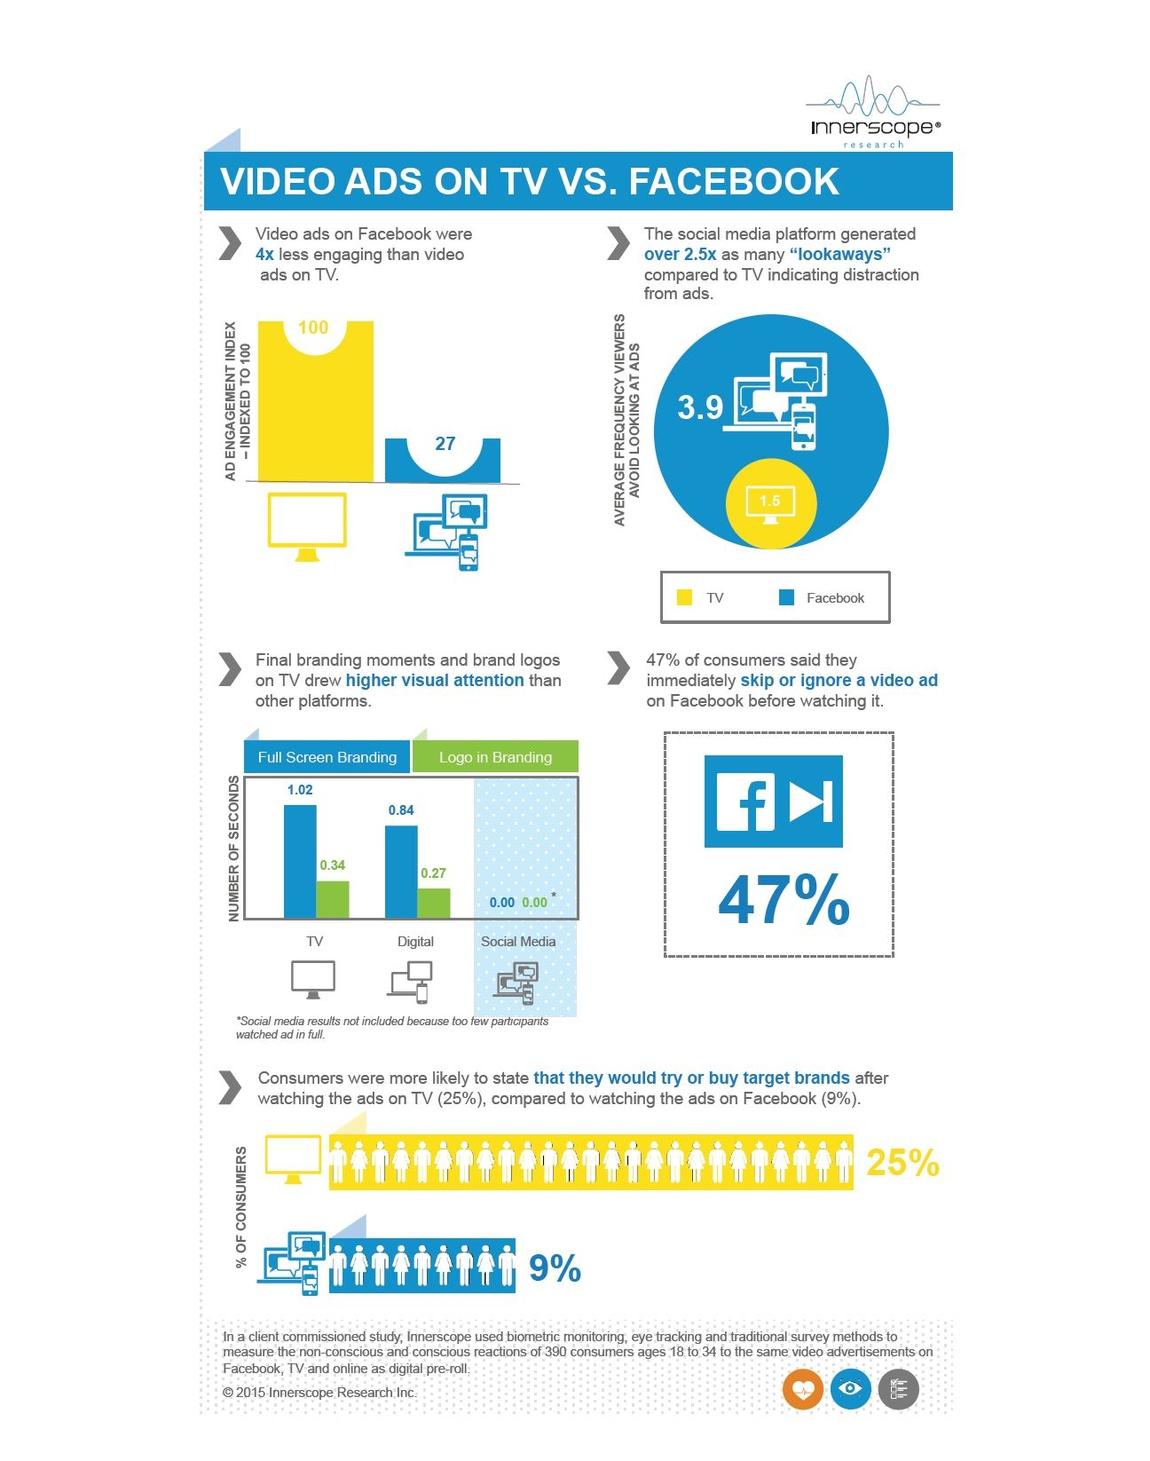 Новое биометрическое исследование показало, что традиционные тв-ролики превосходят видеорекламу на Facebook по вовлечению в четыре раза.